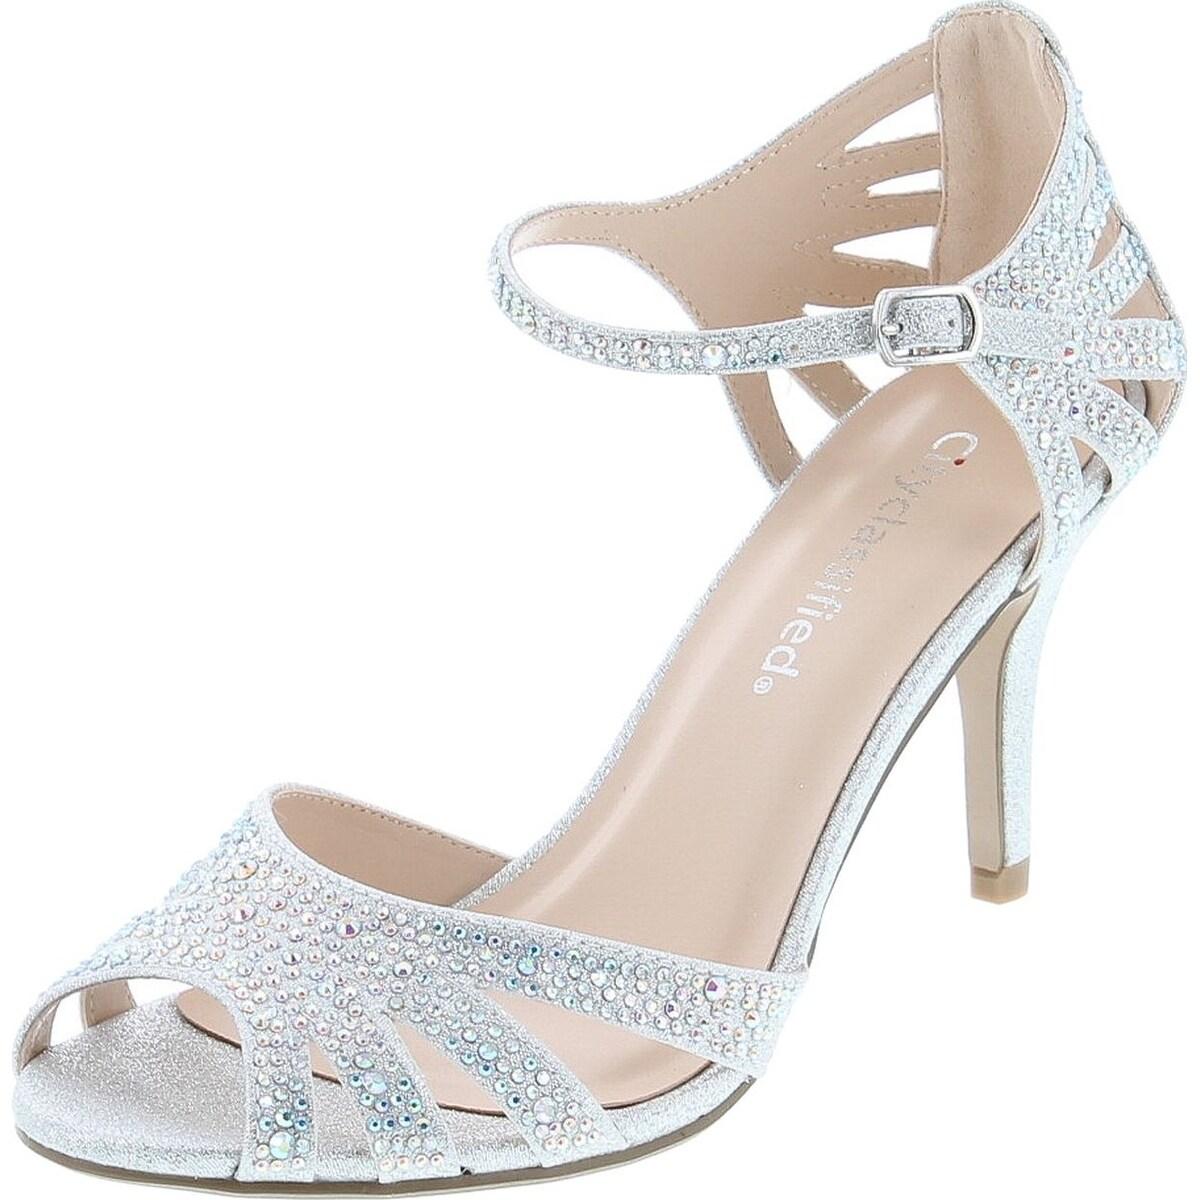 silver open toe low heels